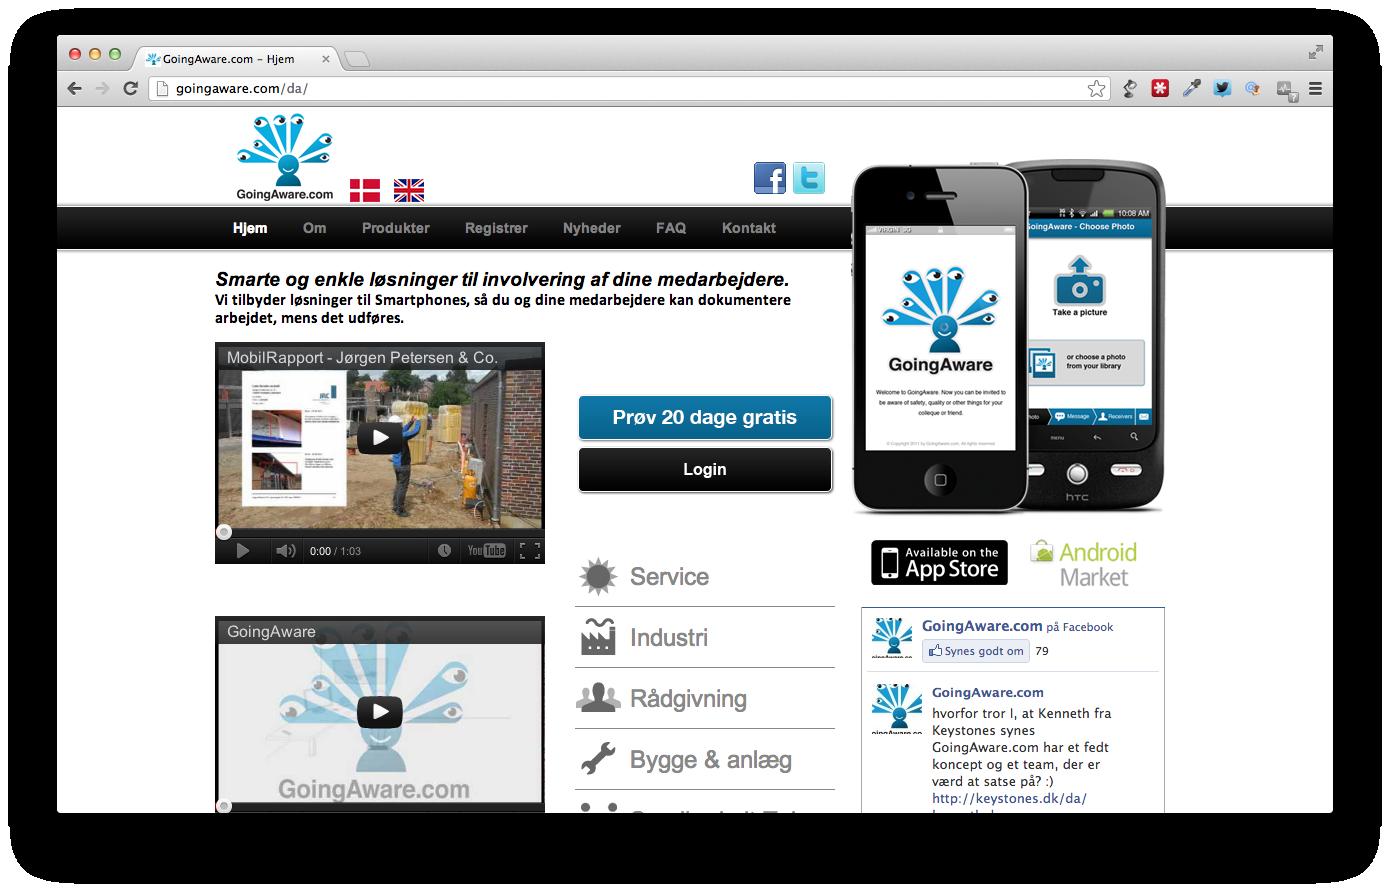 GoingAware.com dokumenterer arbejdet mens det udføres